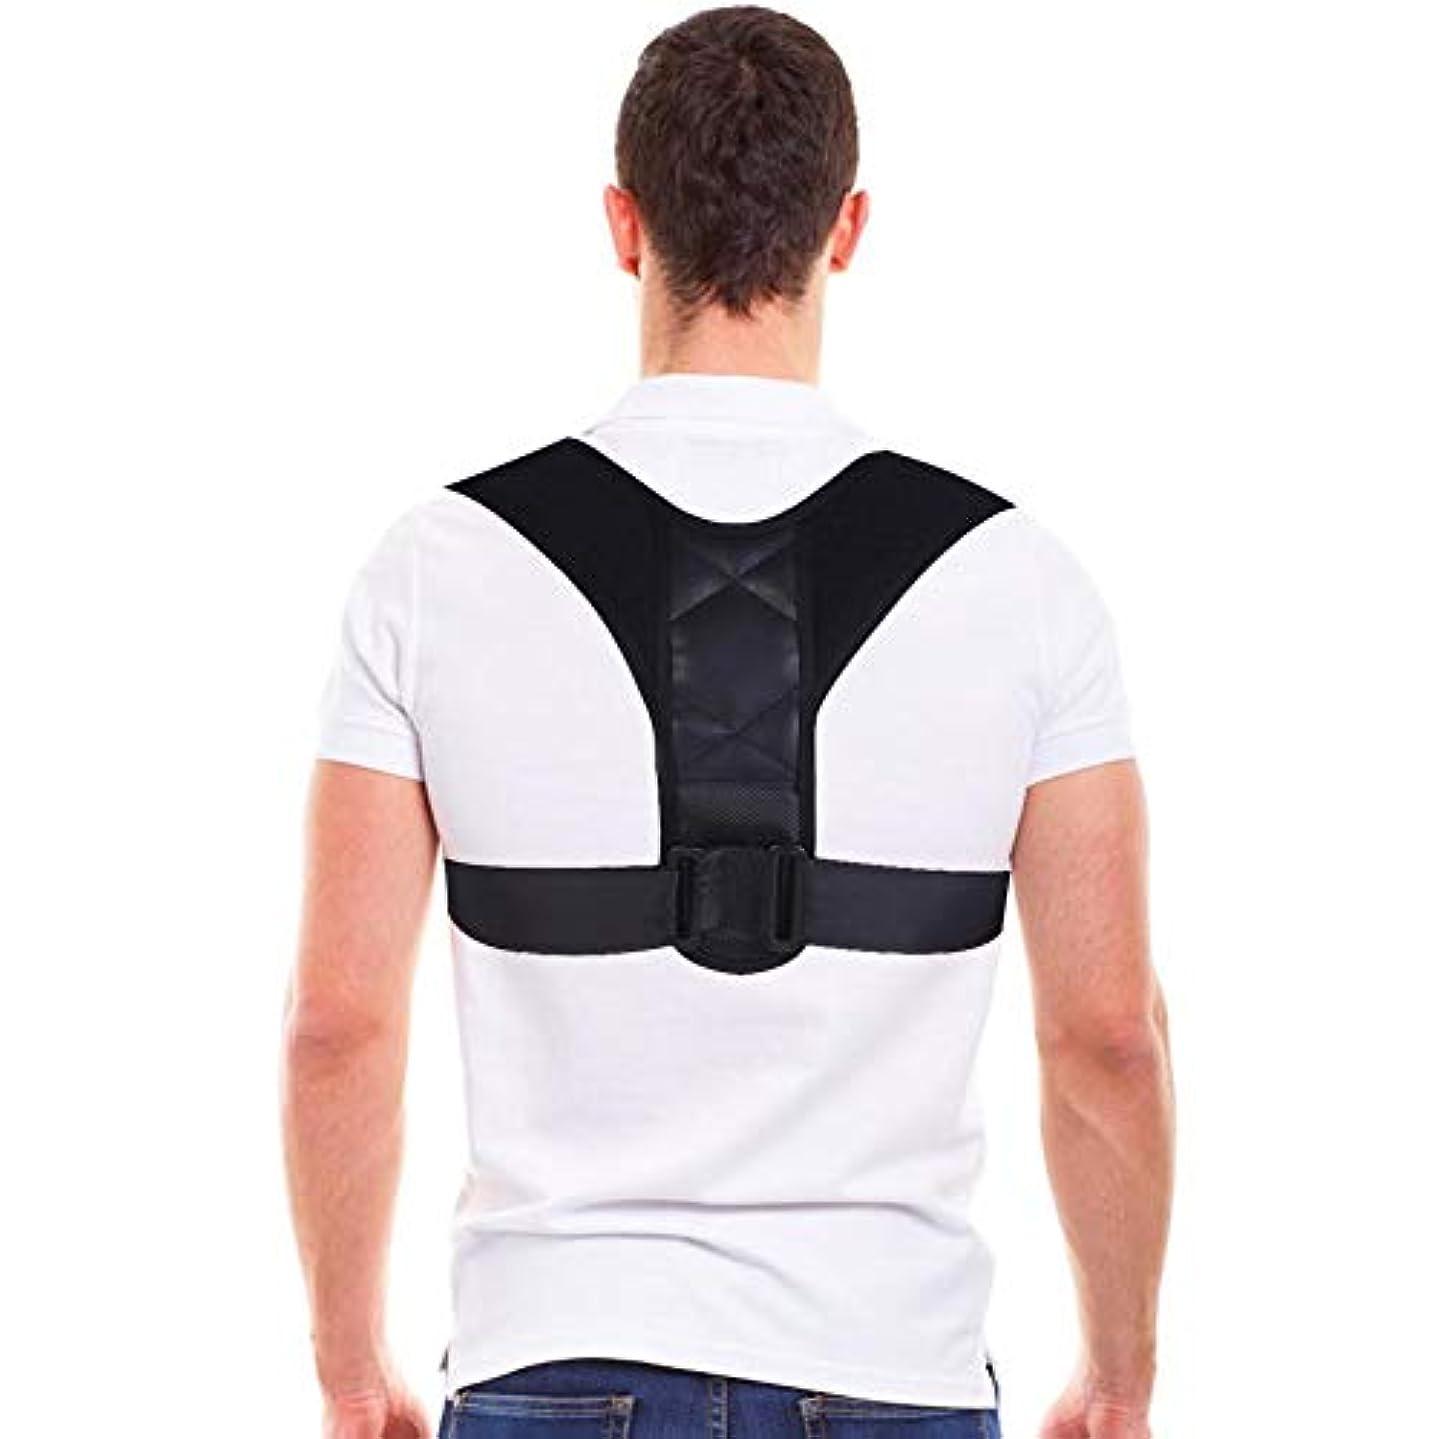 回転する猛烈なリーフレットコレクター姿勢バックサポートベルト、8字型デザインの調節可能な鎖骨装具バンド、男性と女性の姿勢、腰痛予防、腰痛予防